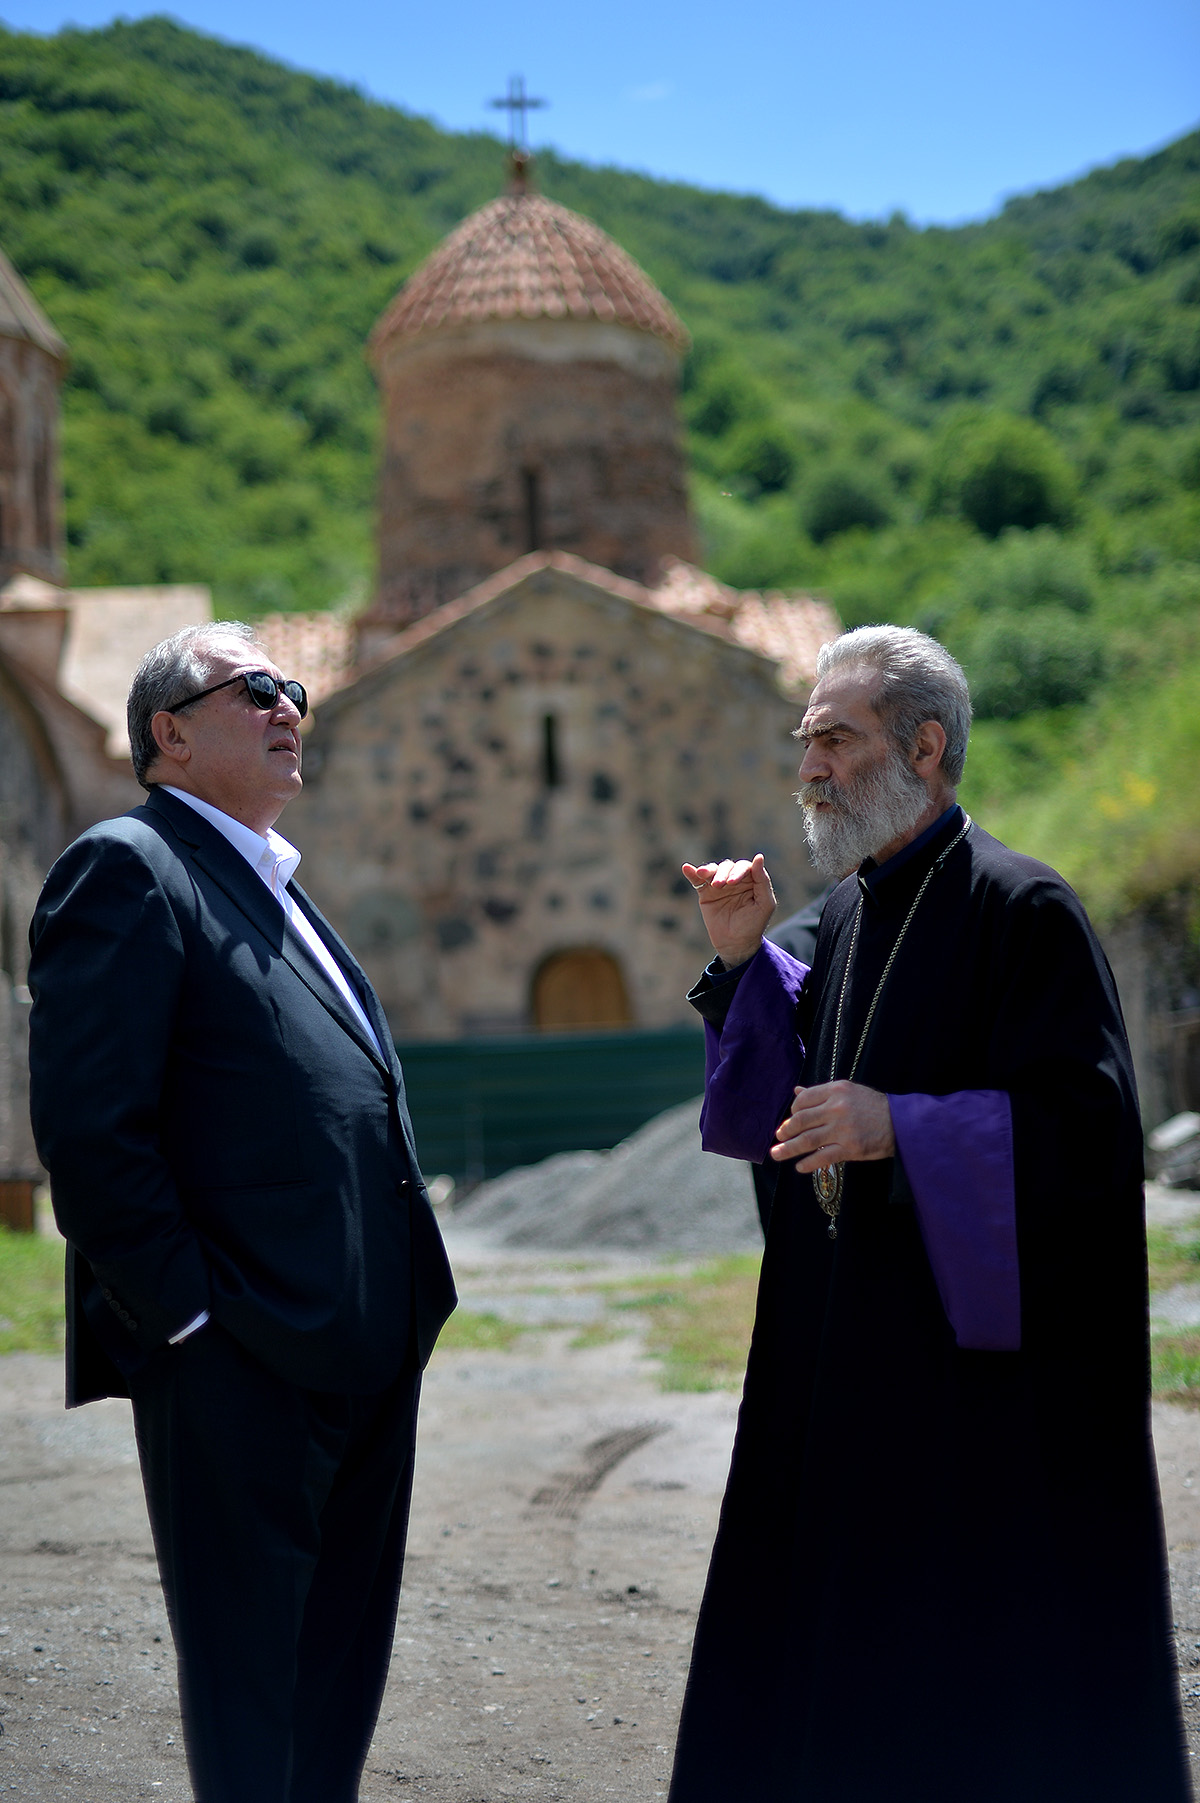 Պարգև արքեպիսկոպոս Մարտիրոսյանի ուղեկցությամբ նախագահն այցելել է Դադիվանք